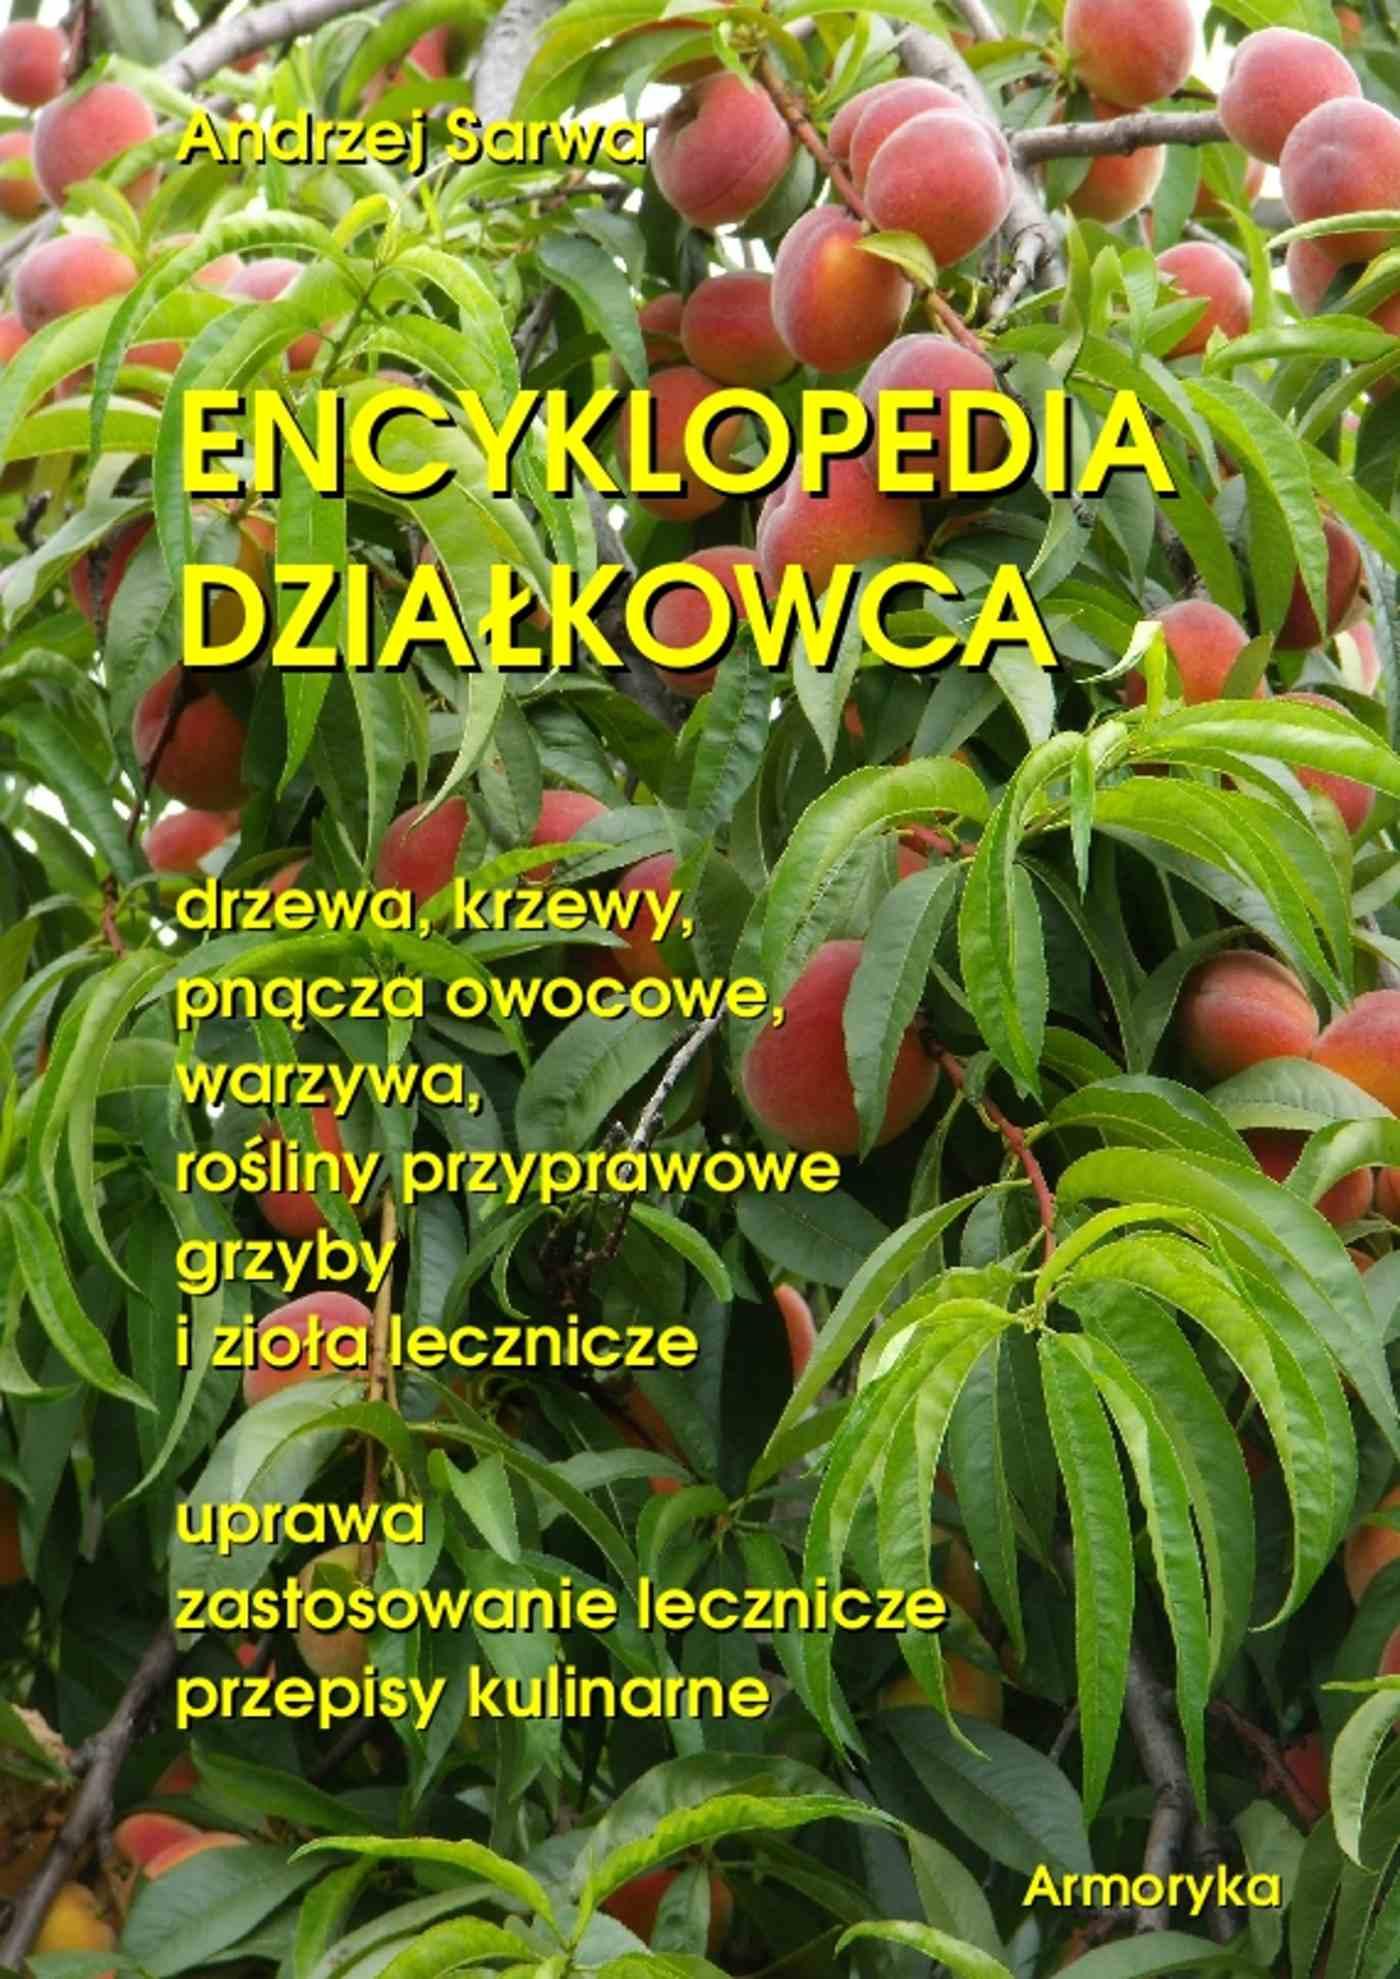 Encyklopedia działkowca - Ebook (Książka EPUB) do pobrania w formacie EPUB